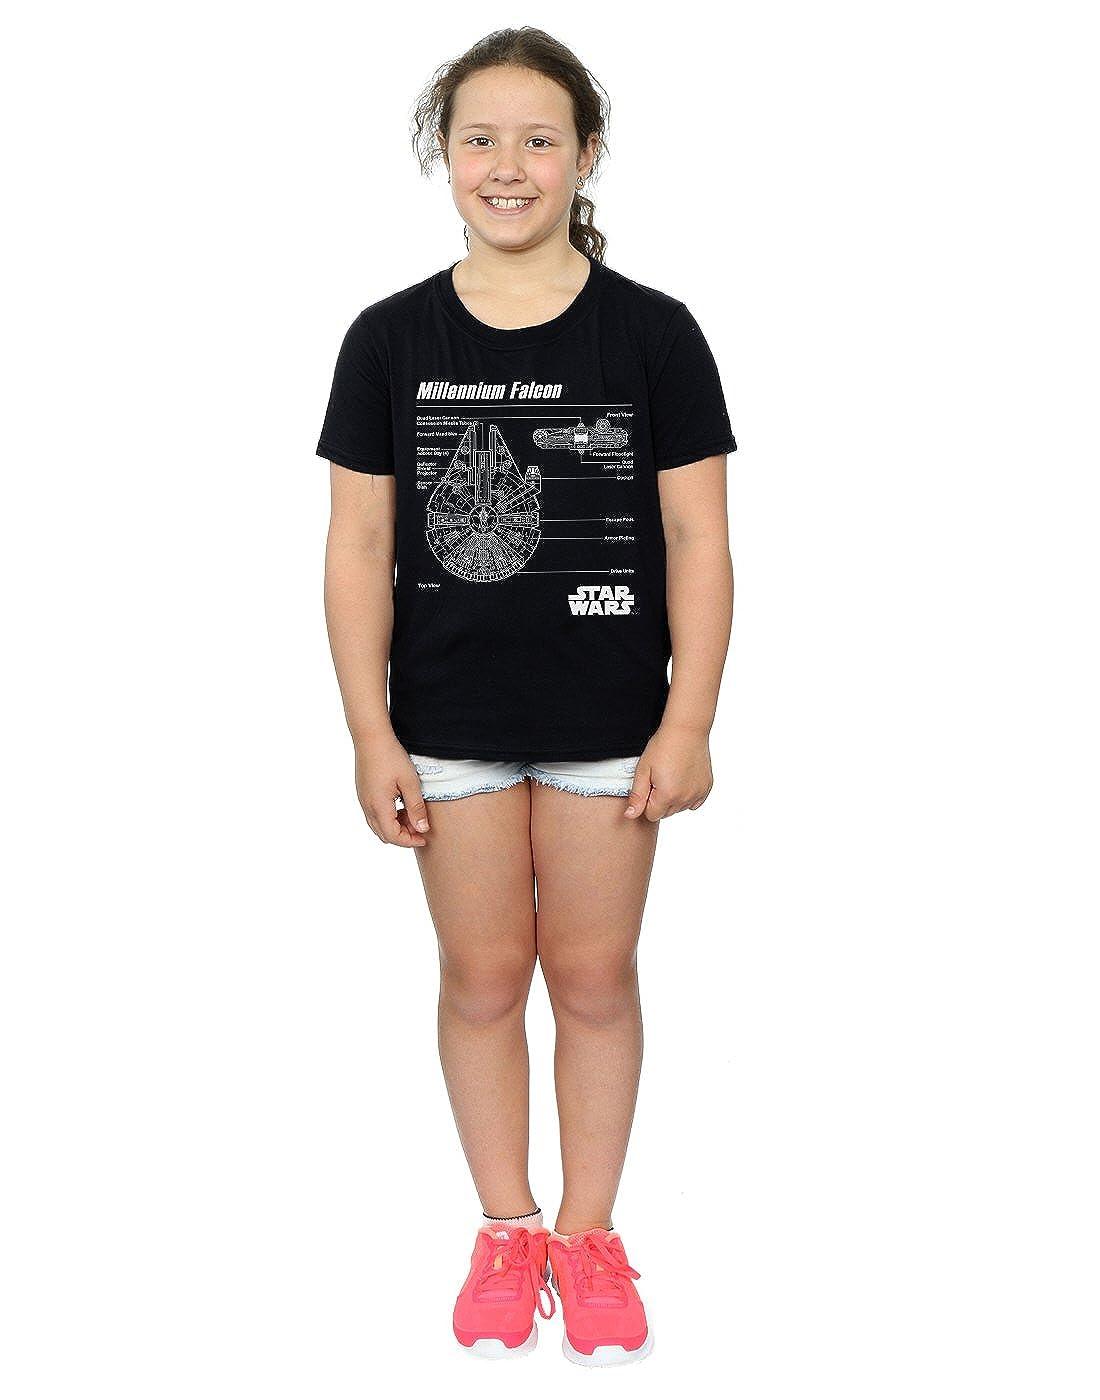 Star Wars niñas Millenium Falcon Blueprint Camiseta: Amazon.es: Ropa y accesorios